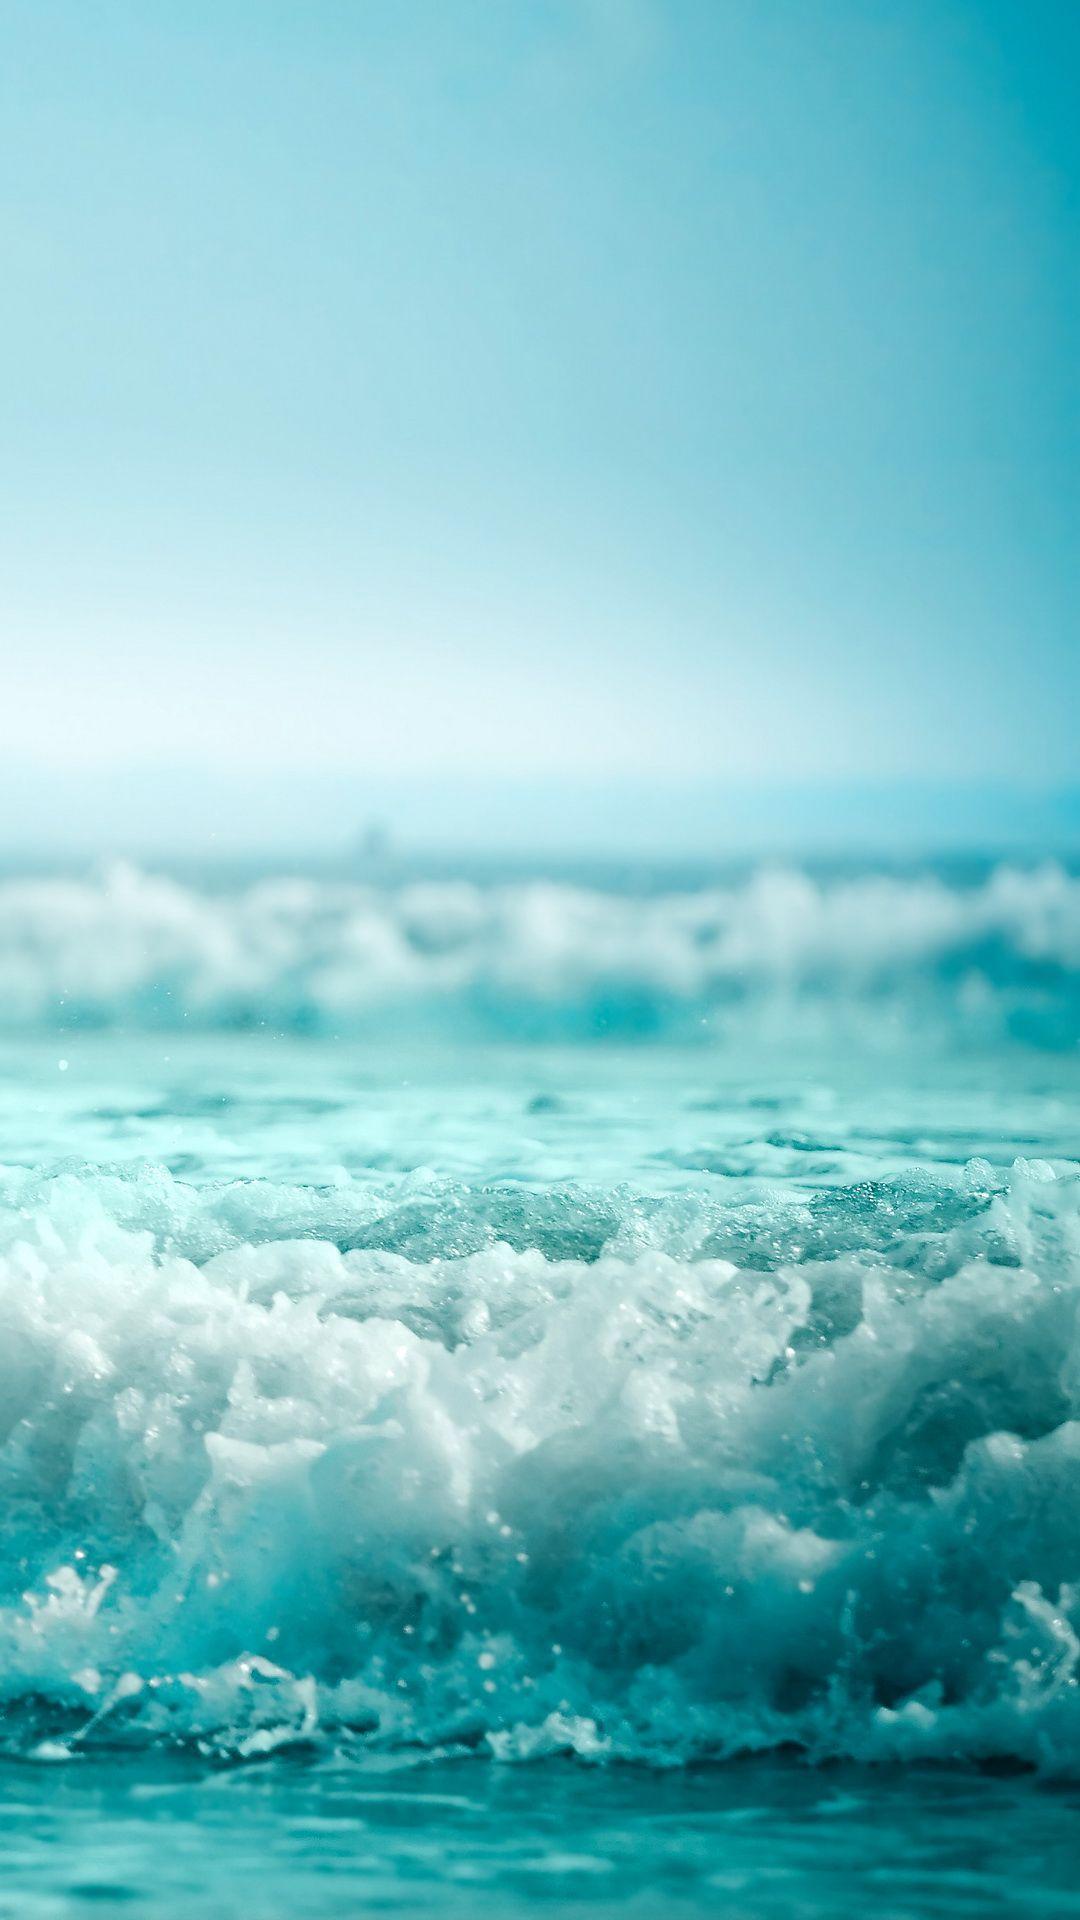 pinfbiola on wallpaper in 2018   pinterest   ocean, sea and